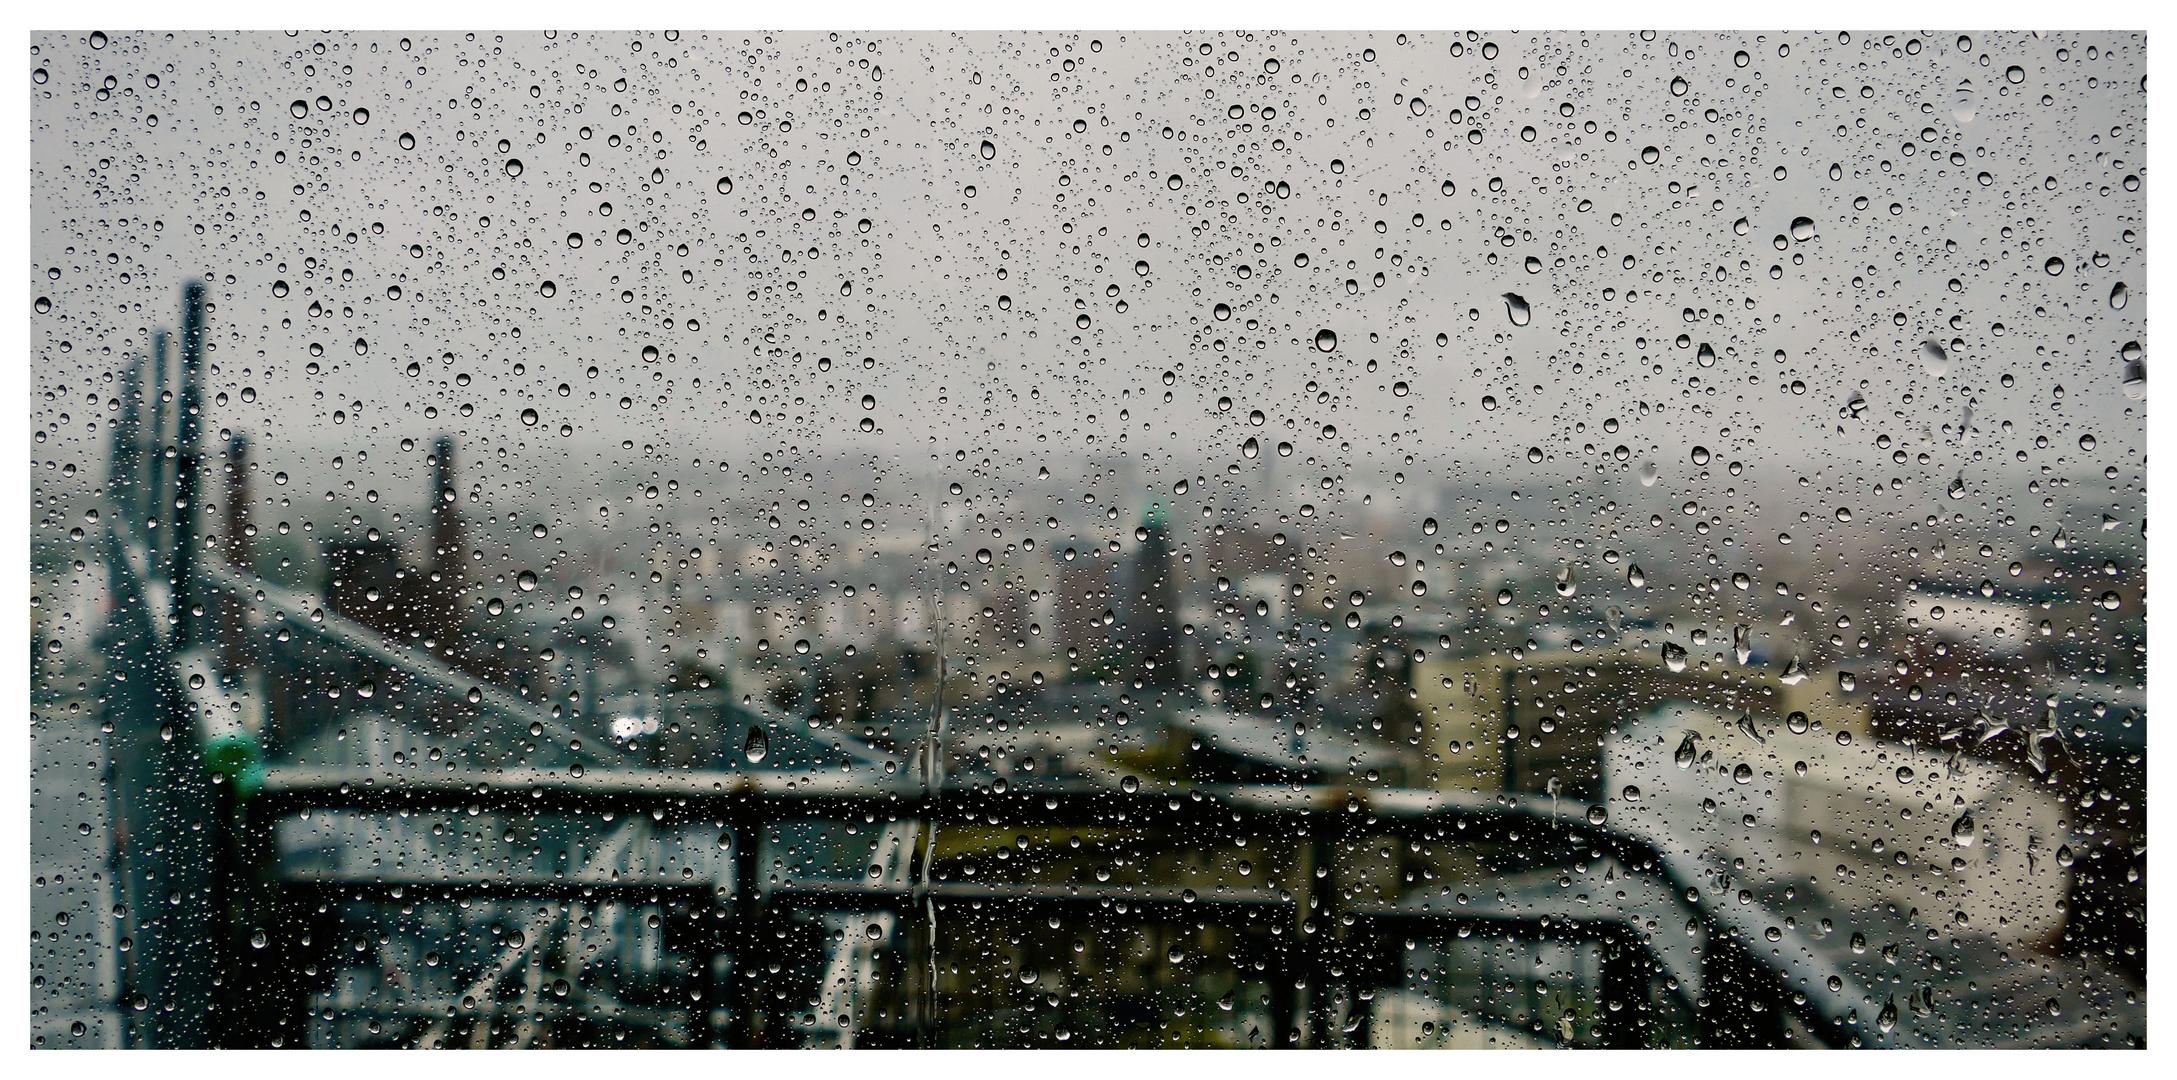 Die Regentropfen